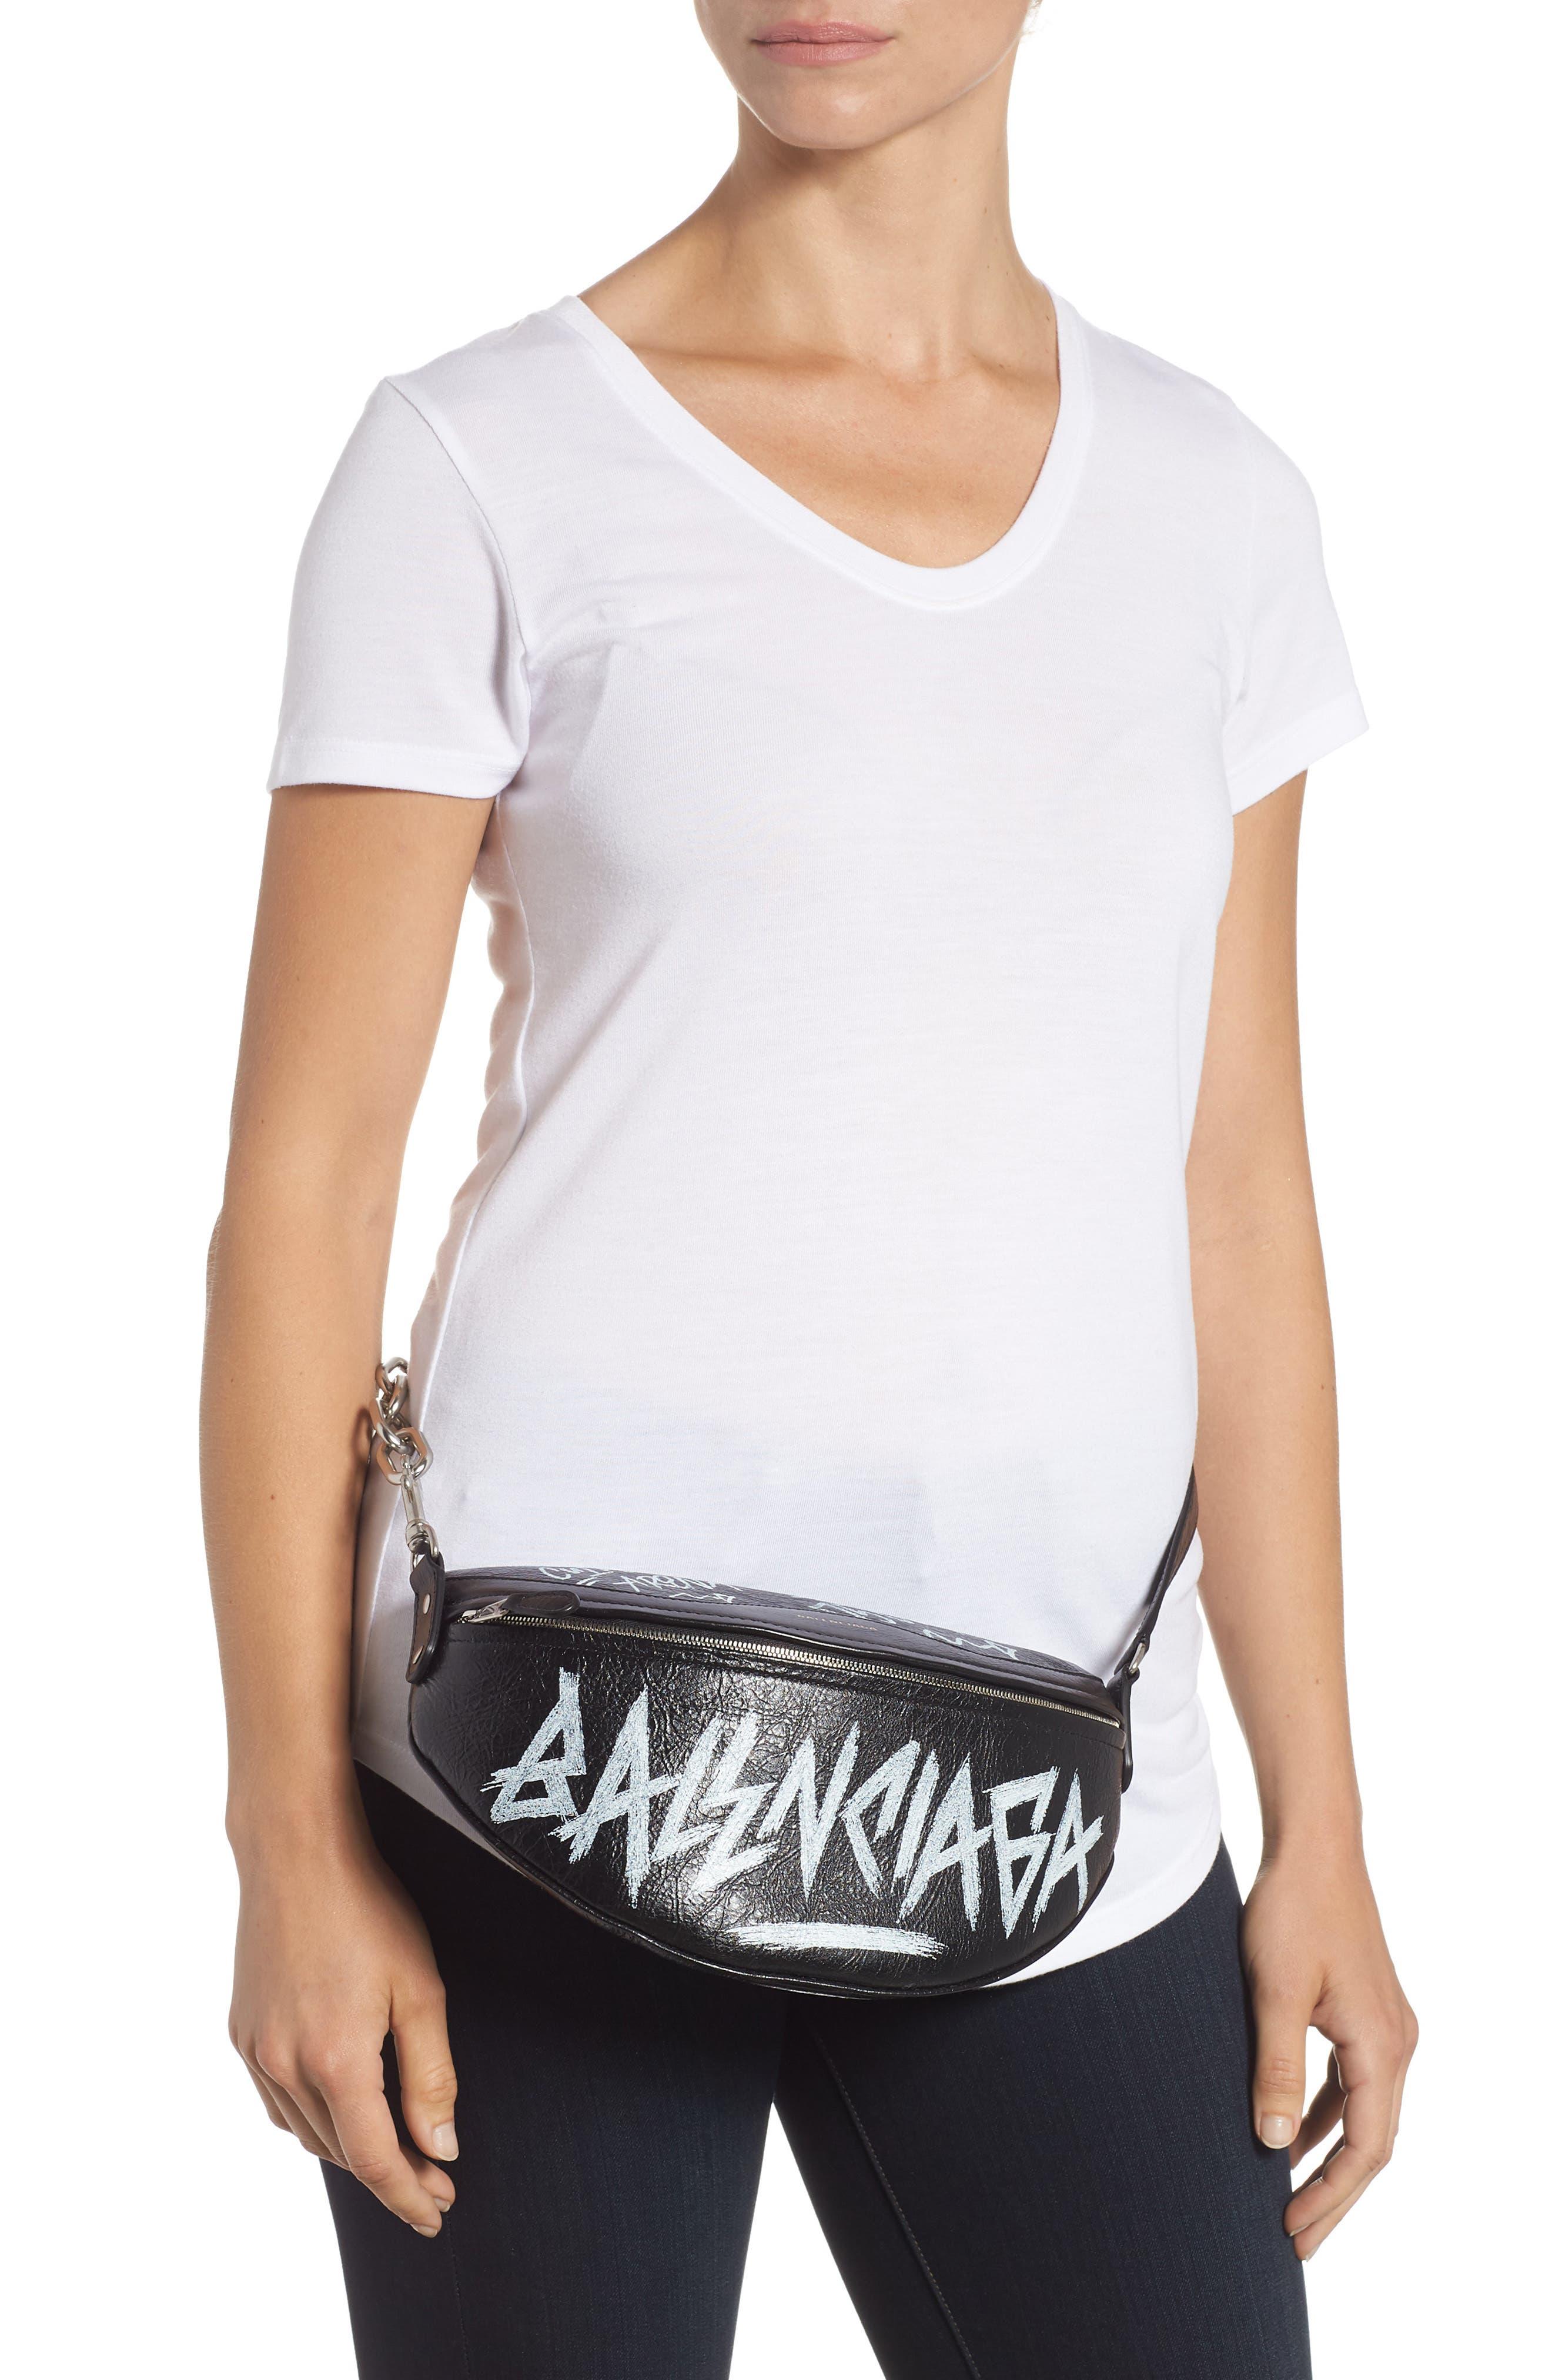 Graffiti Souvenir Leather Belt Bag,                             Alternate thumbnail 2, color,                             NOIR/ BLANC